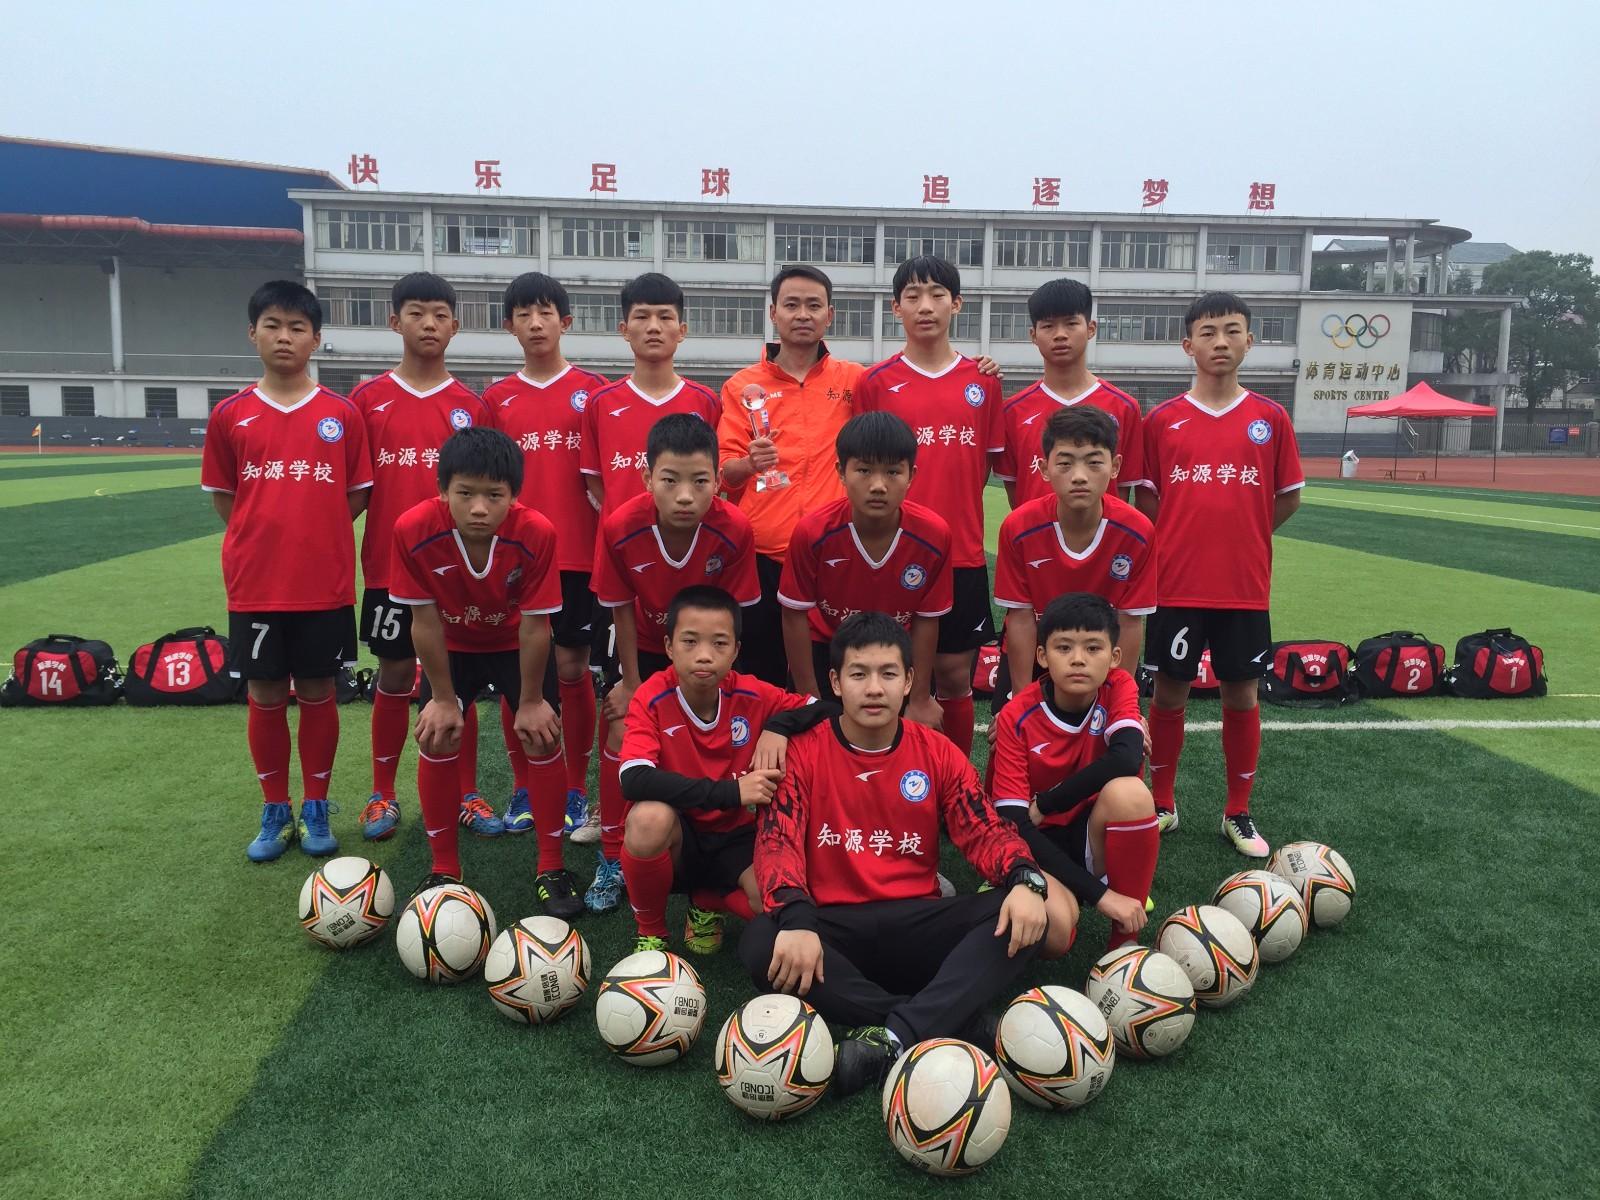 2.初中部荣获2016年岳阳市中小学生运动会足球比赛一等奖.JPG